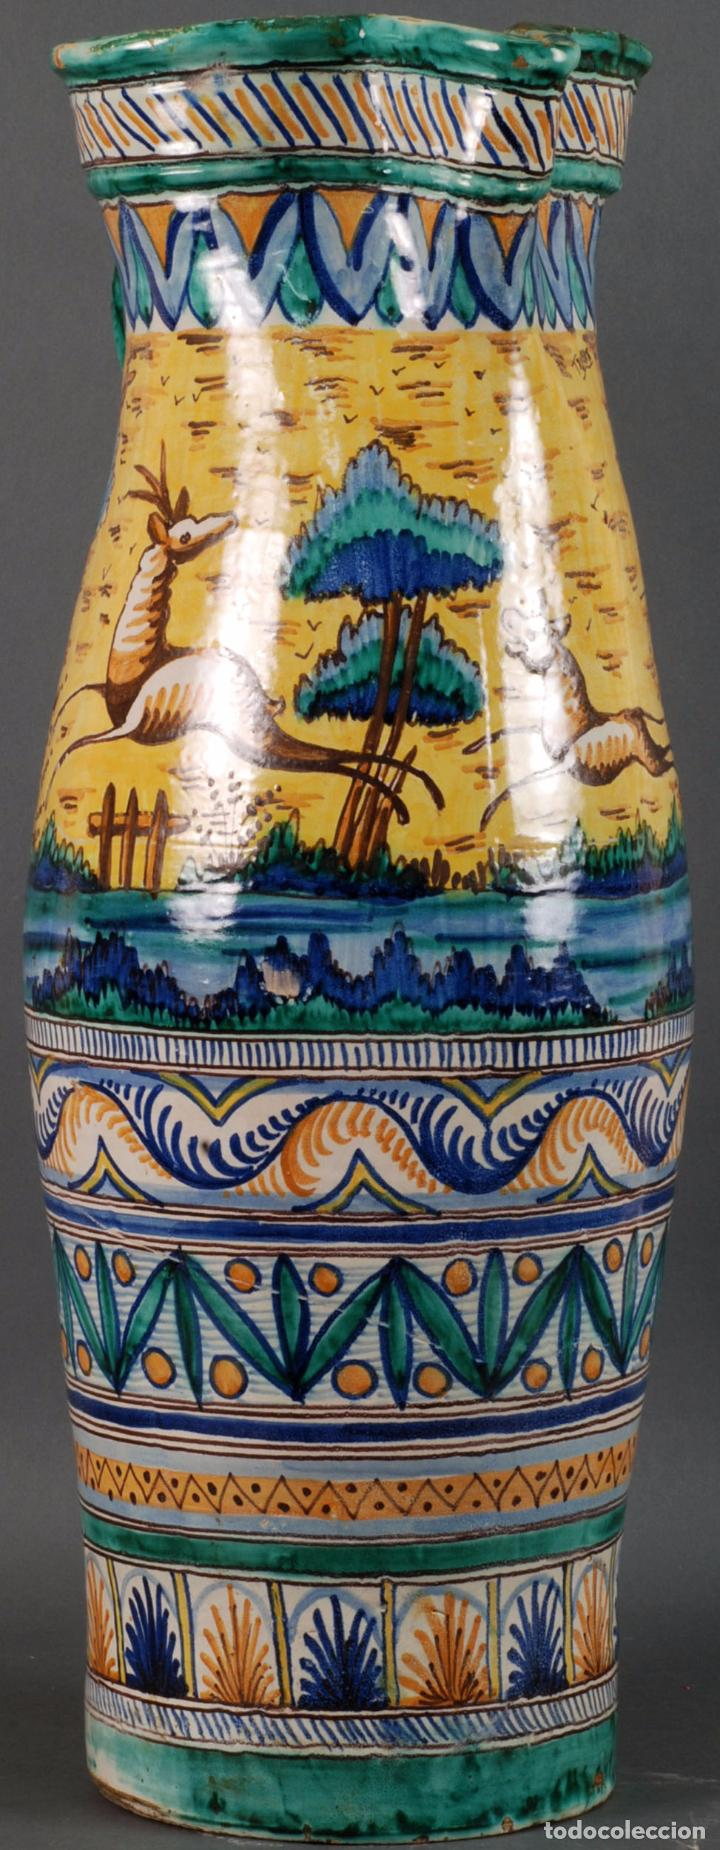 Antigüedades: Jarra jarron cerámica Triana tema cacería montería finales del siglo XIX - Foto 4 - 104696799